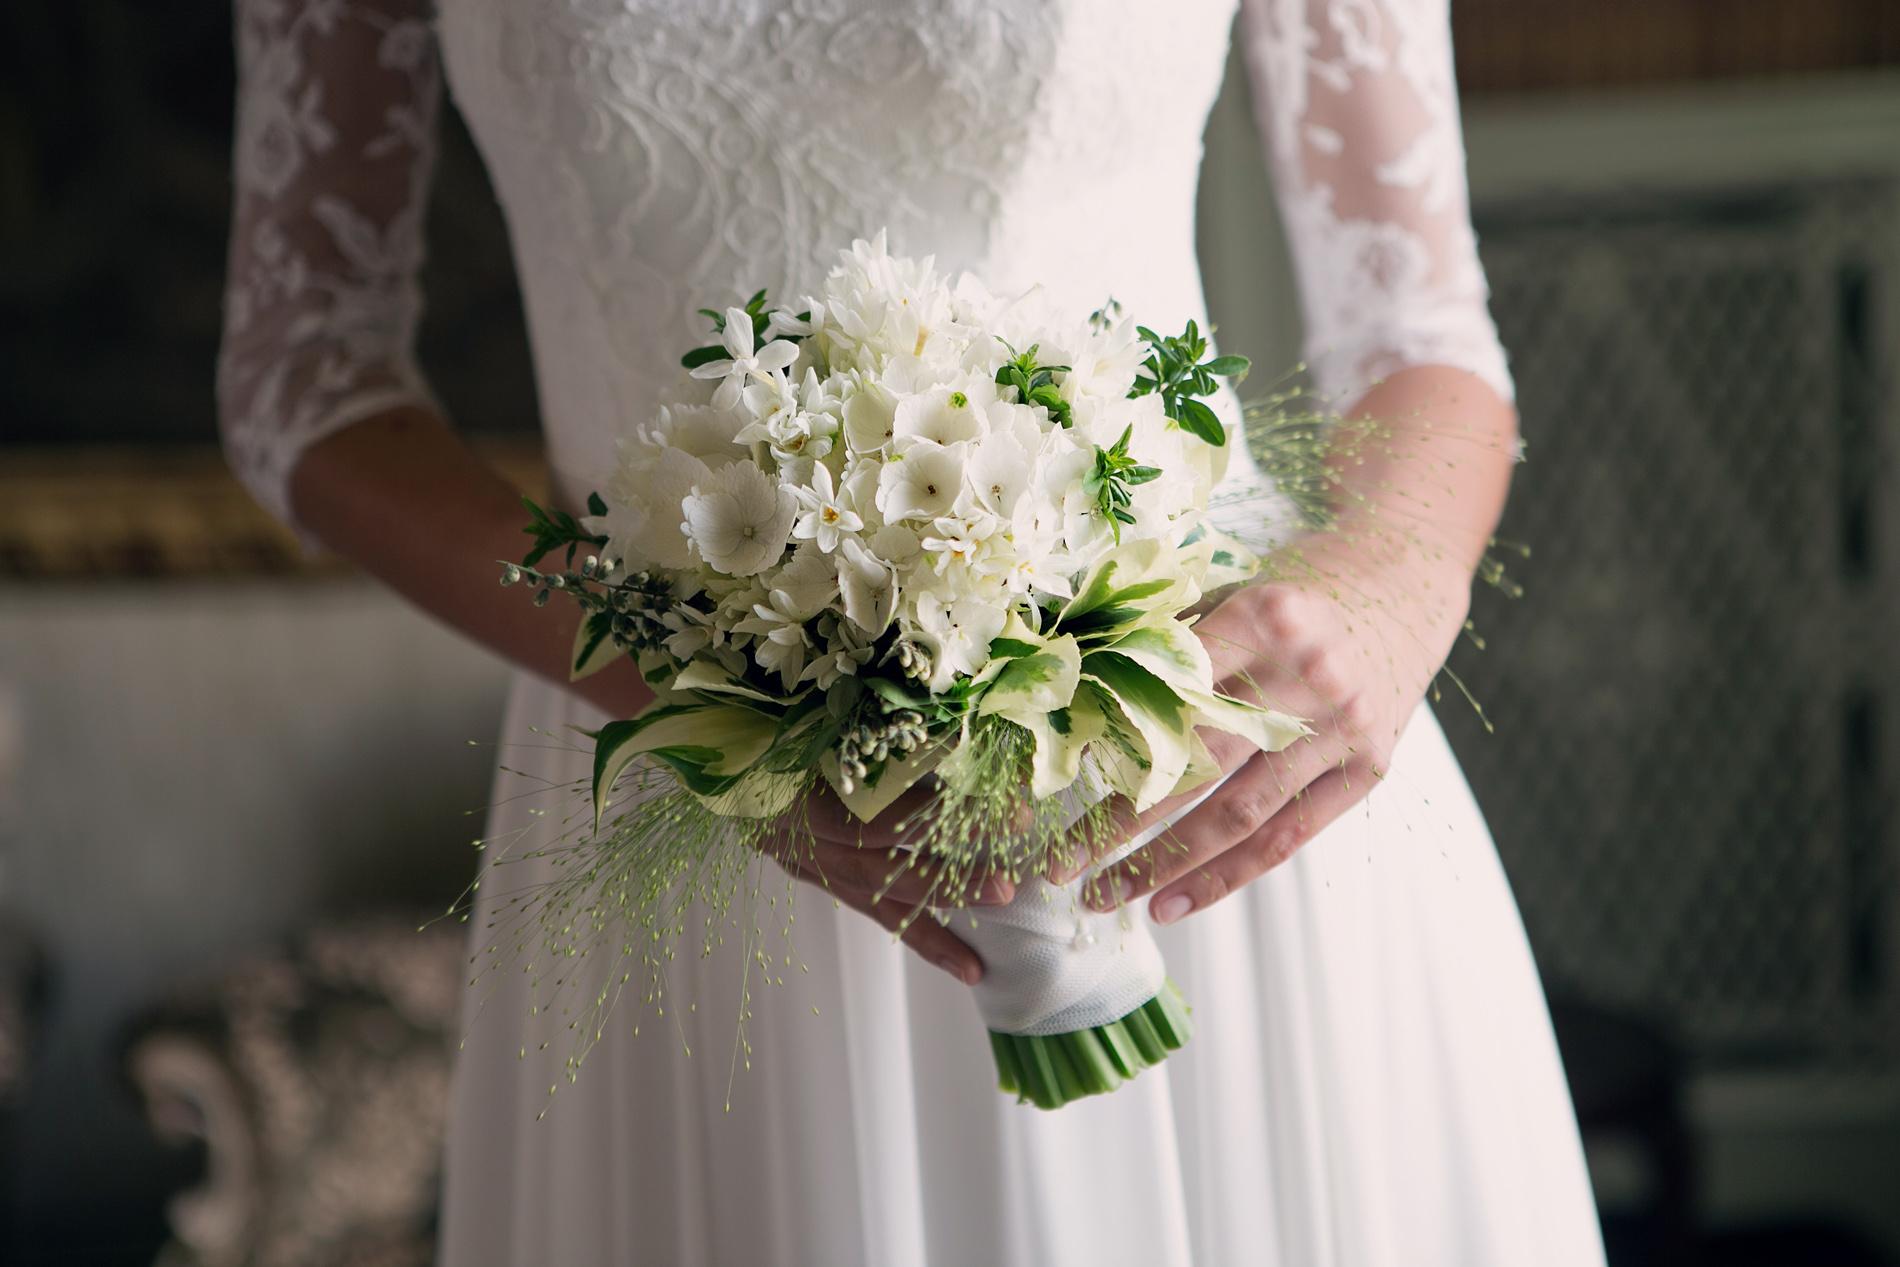 Bouquet Sposa Con Fiori D Arancio.Bouquet Sposa Come Sceglierlo Couture Hayez Milano